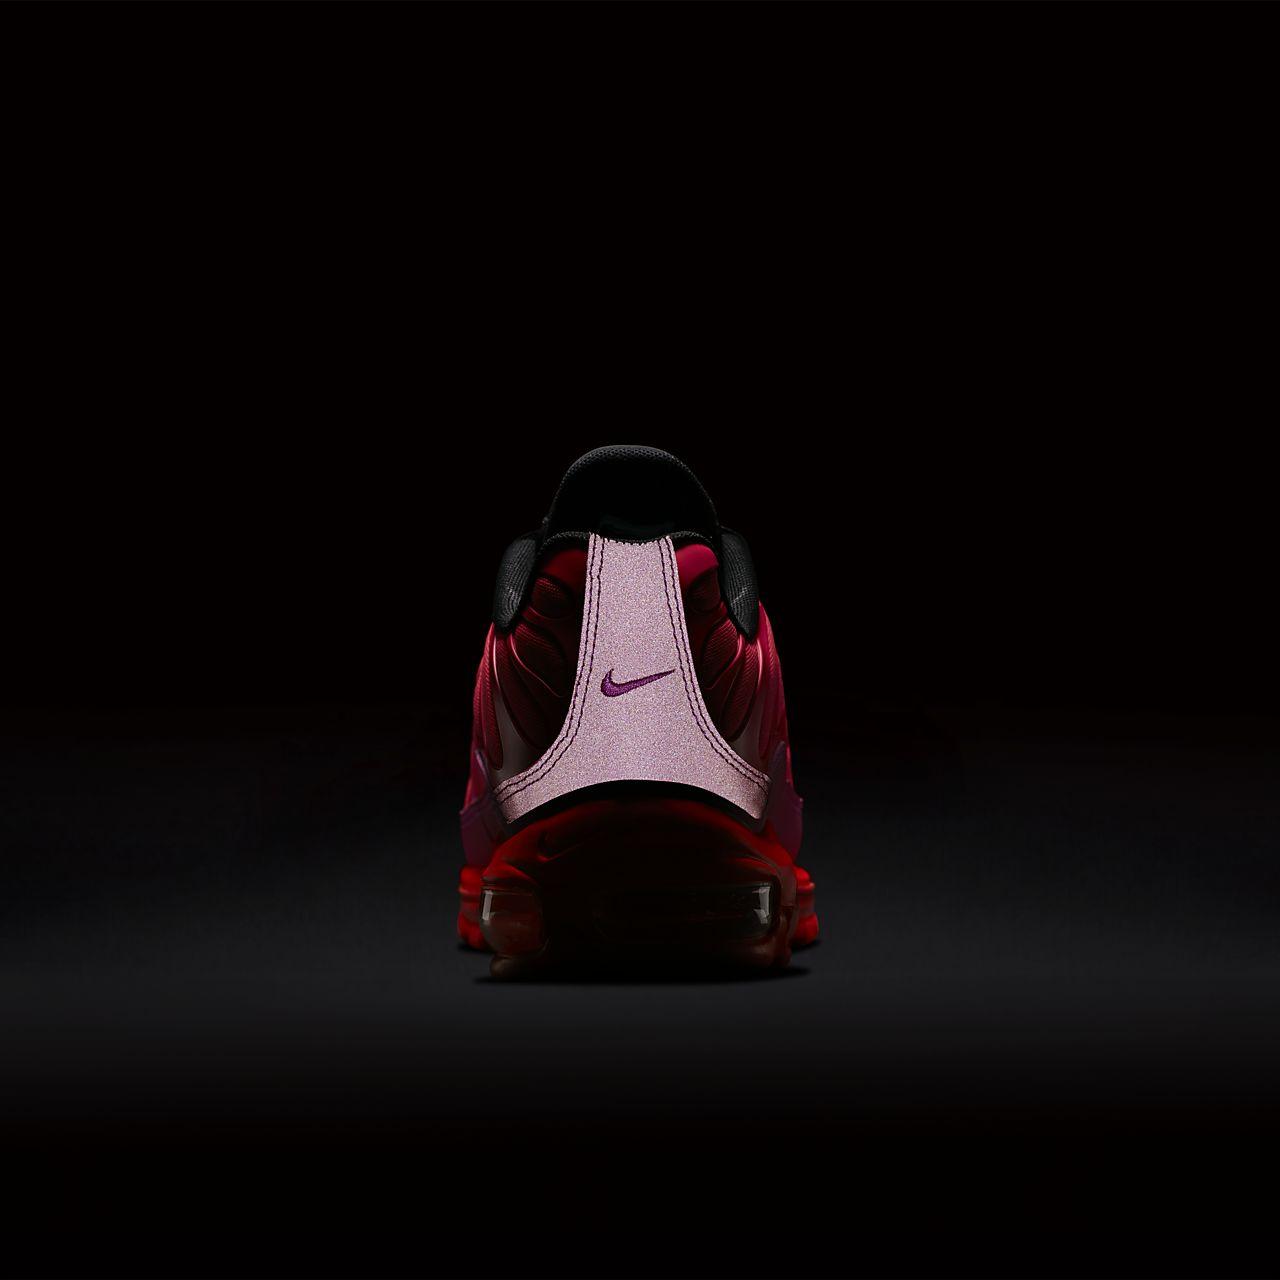 Nike Air Air Air Max 97 Plus Herrenschuh Mode Und die nach Zeitlosem sucht-AR1705DS   27a86c